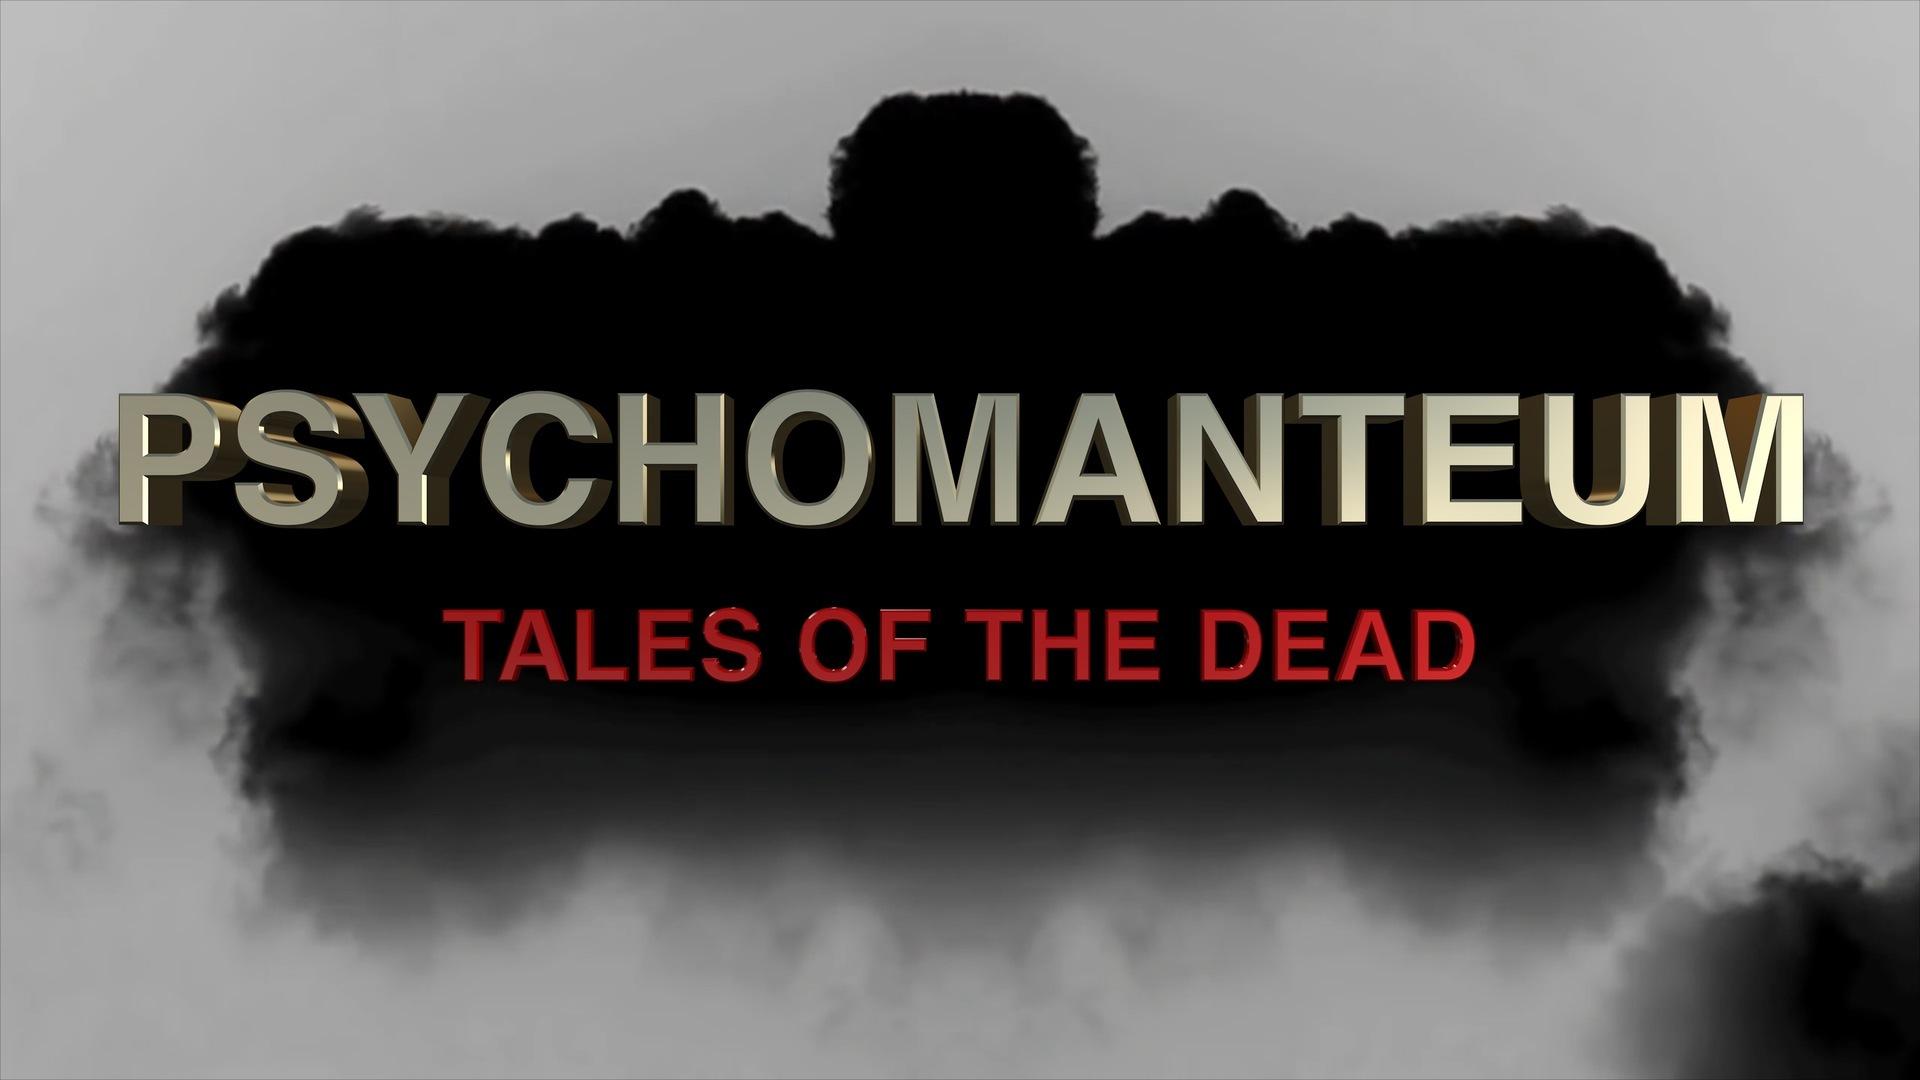 Psychomanteum